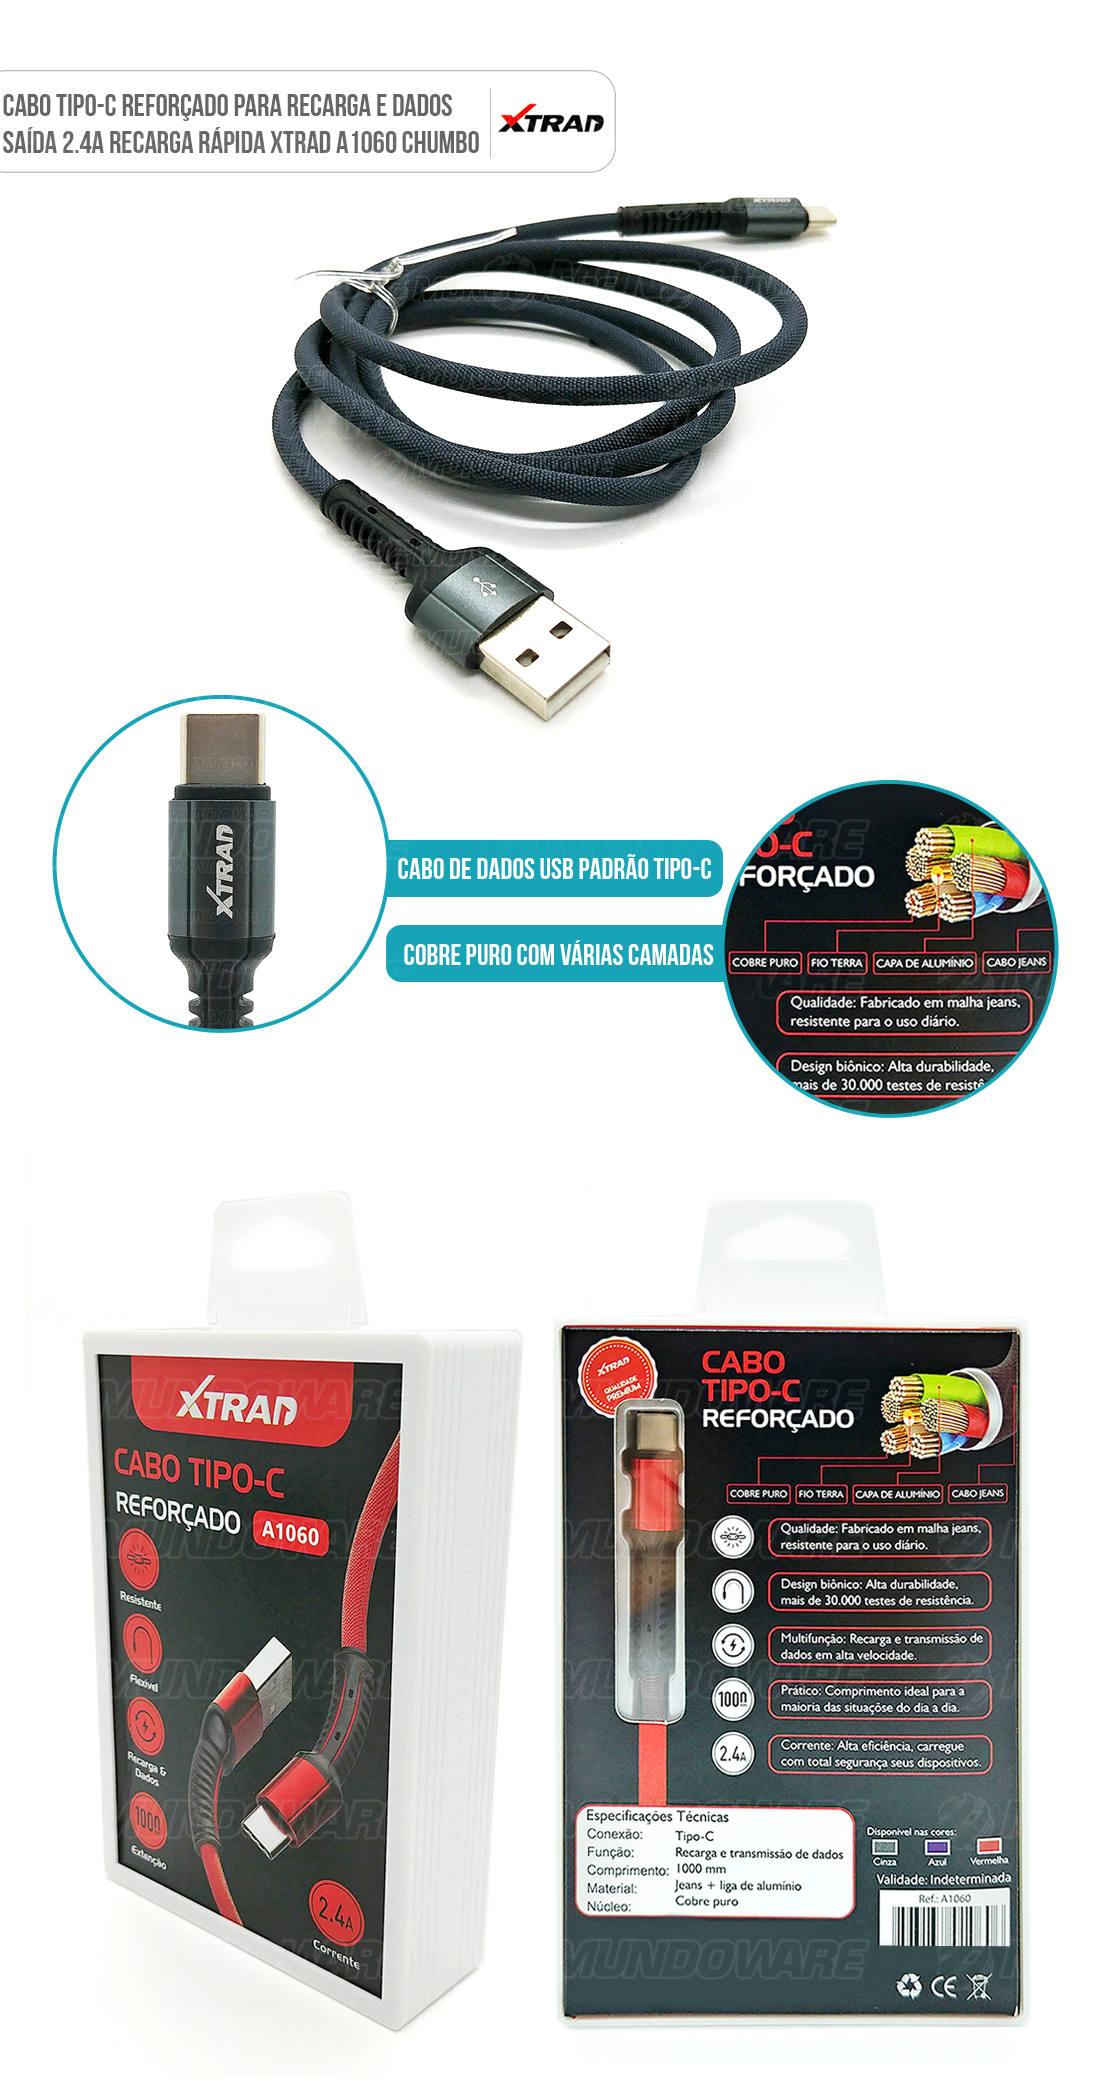 Cabo USB Tipo-C Reforçado para celular com conector em metal resistente e cobre puro interno e capa dupla 1 metro chumbo